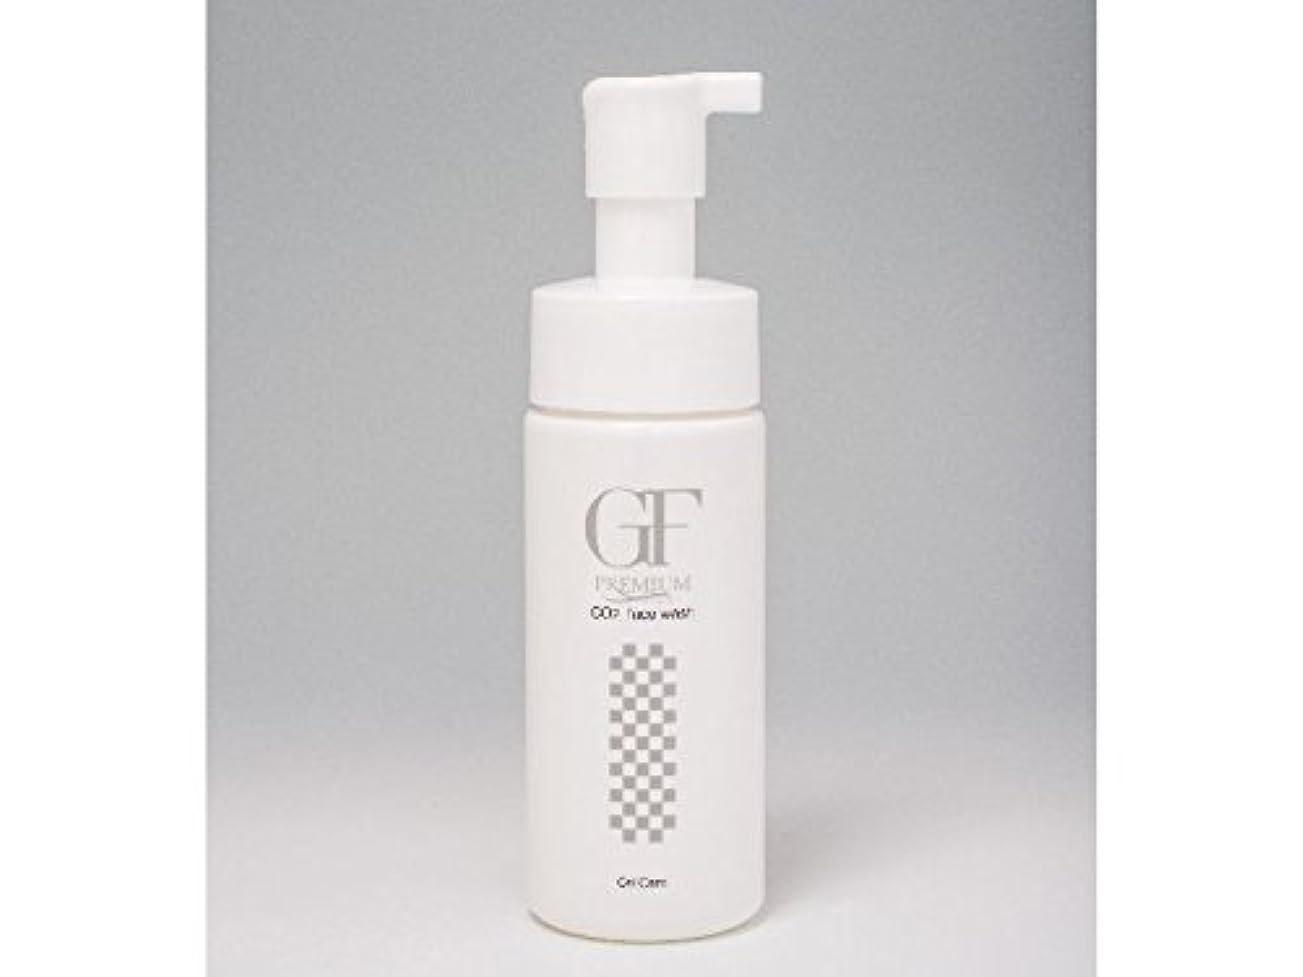 メタリック飽和する逆セルケア GFプレミアム EG炭酸洗顔フォーム 150ml